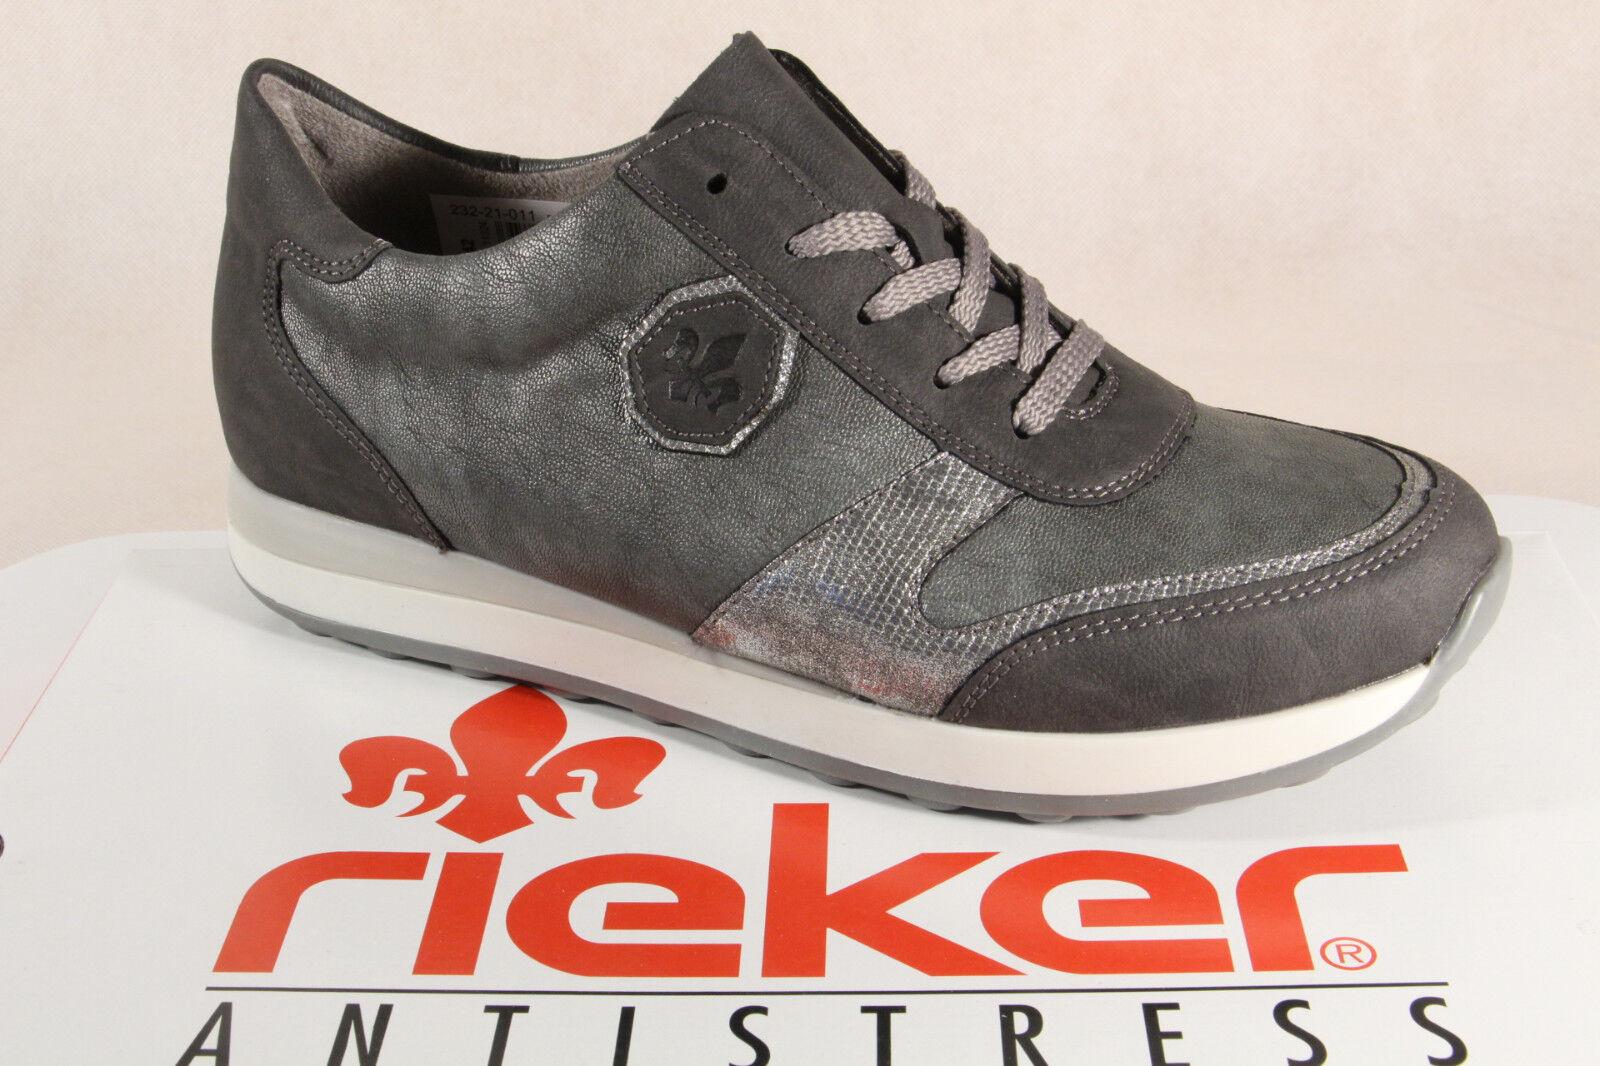 Los zapatos más populares para hombres y mujeres Descuento por tiempo limitado Rieker n1823 mujer Zapatos de cordones, zapatos, SNEAKER gris NUEVO